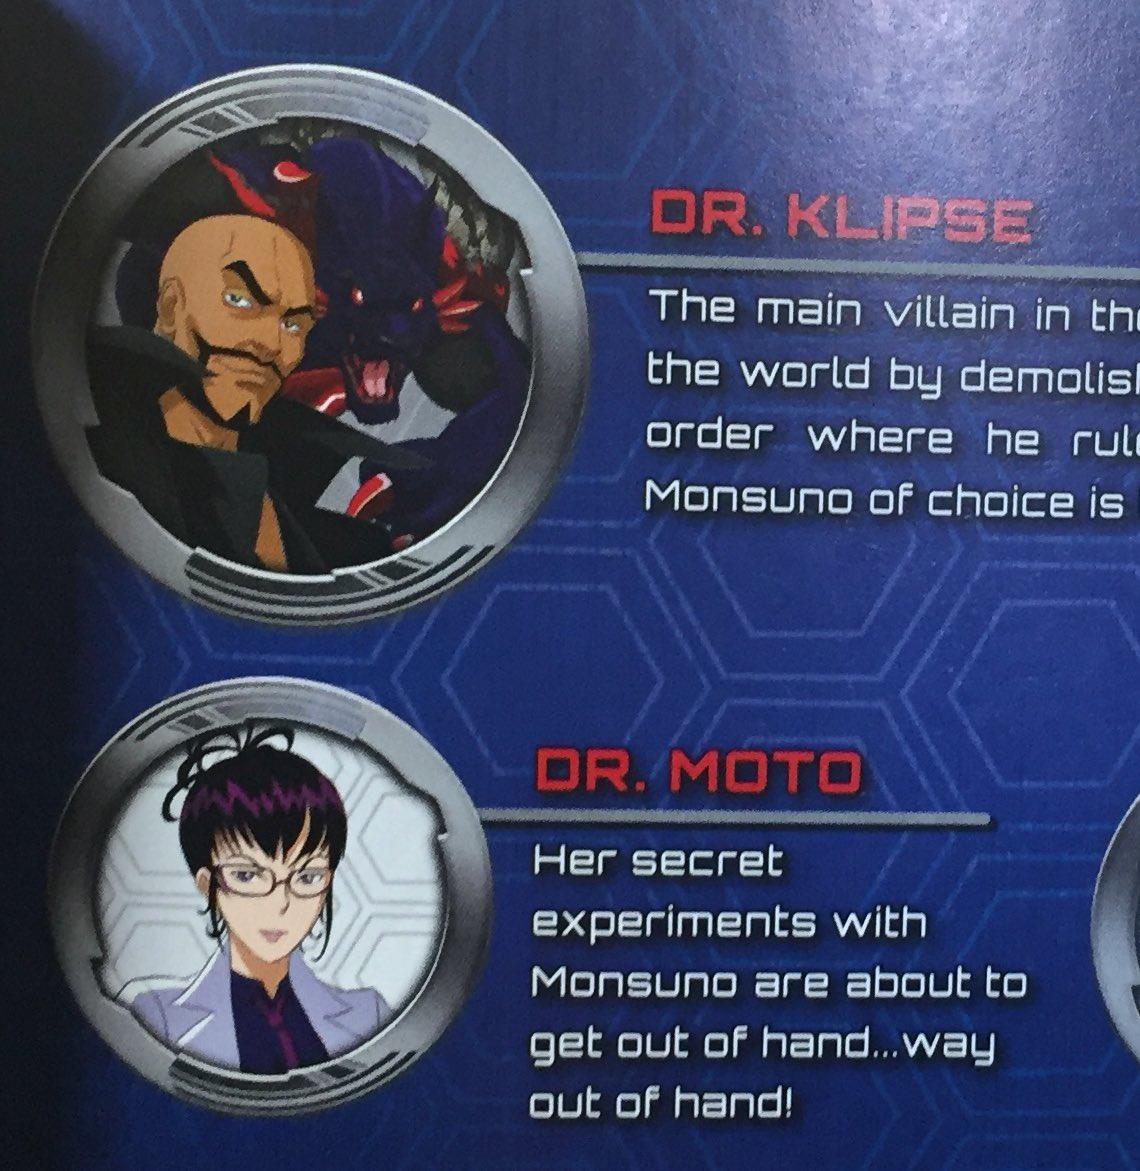 アメコミ版モンスーノはクリプス博士が主な悪役だから活躍だ楽しみd…誰よその女ァ!!!!!!!!💢💢💢💢💢💢💢💢👿👿👿👿👿